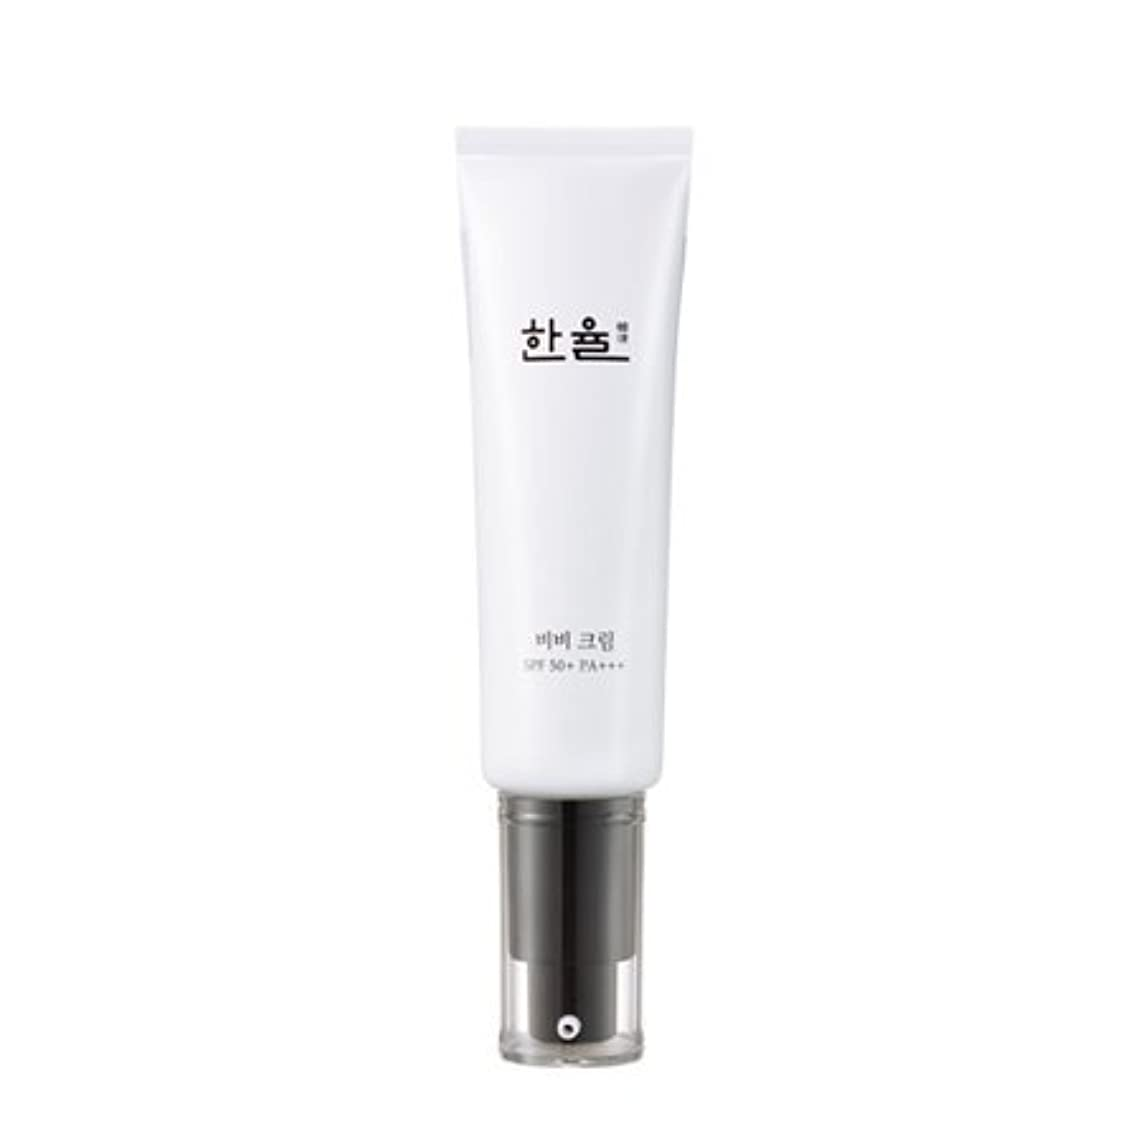 ゆりかご四面体在庫[HANYUL] BB Cream SPF 50+/pa+++ (#02 Soft Beige)